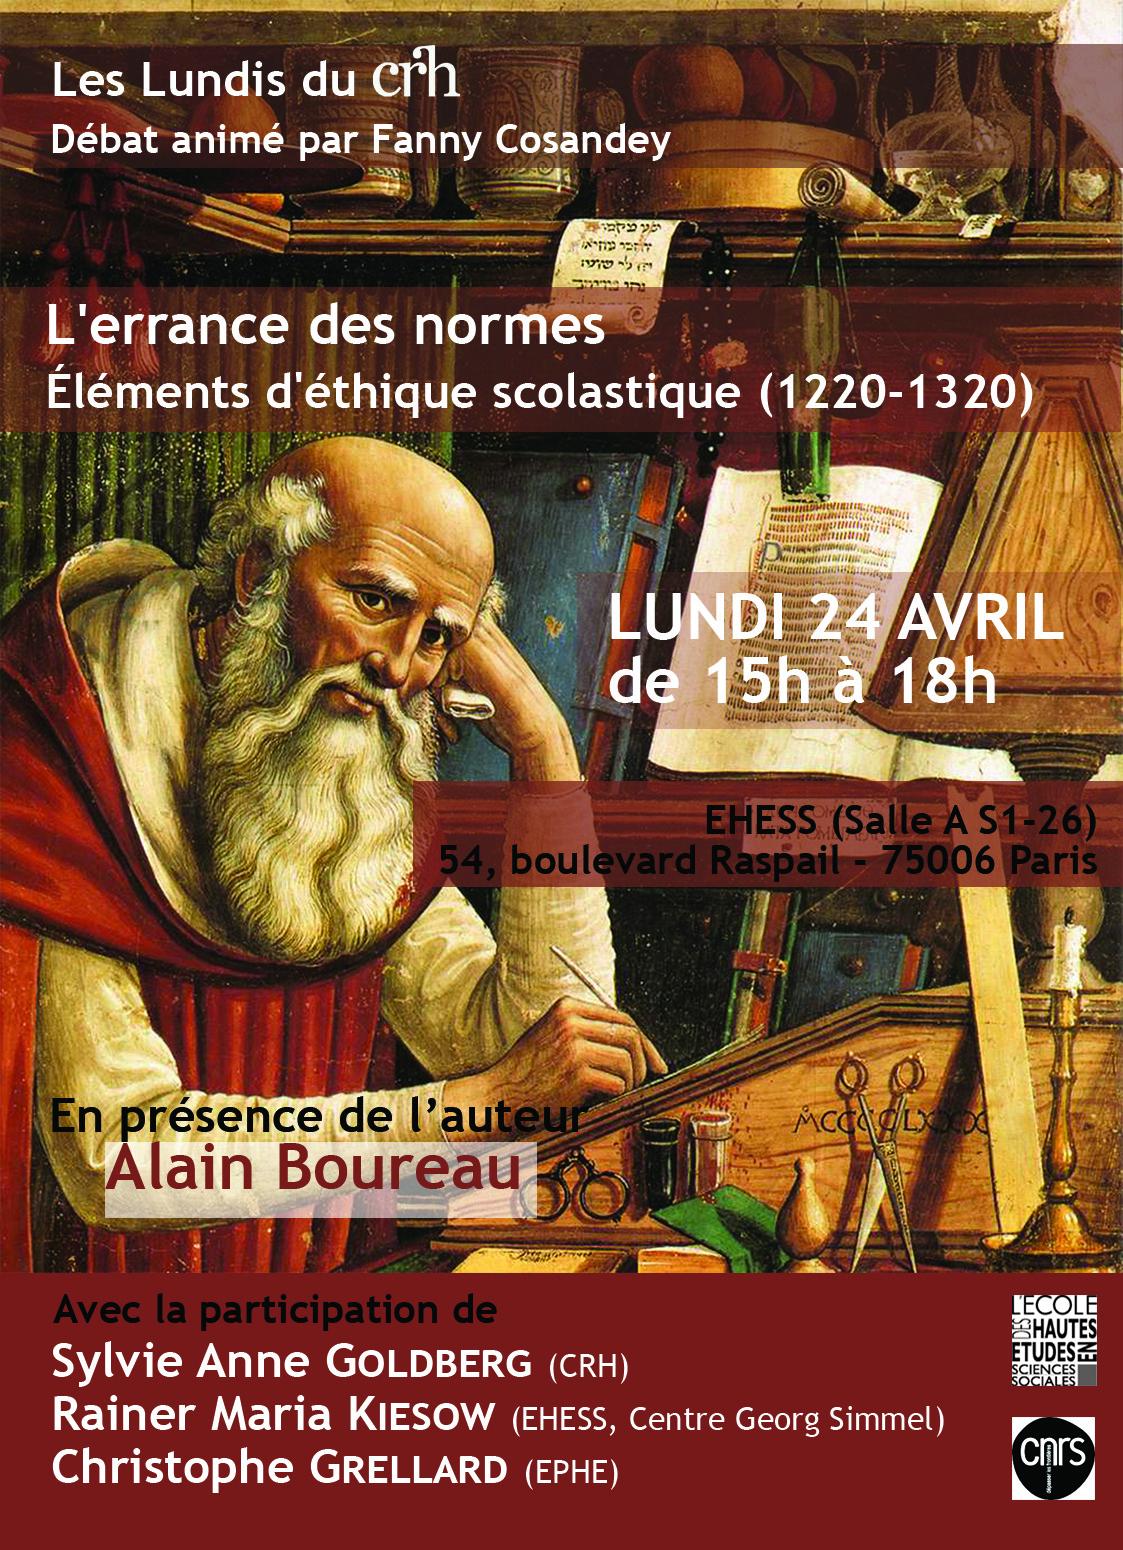 Autour de l'ouvrage d'Alain Boureau, L'errance des normes. Éléments d'éthique scolastique (1220-1320) [La Raison scolastique IV]